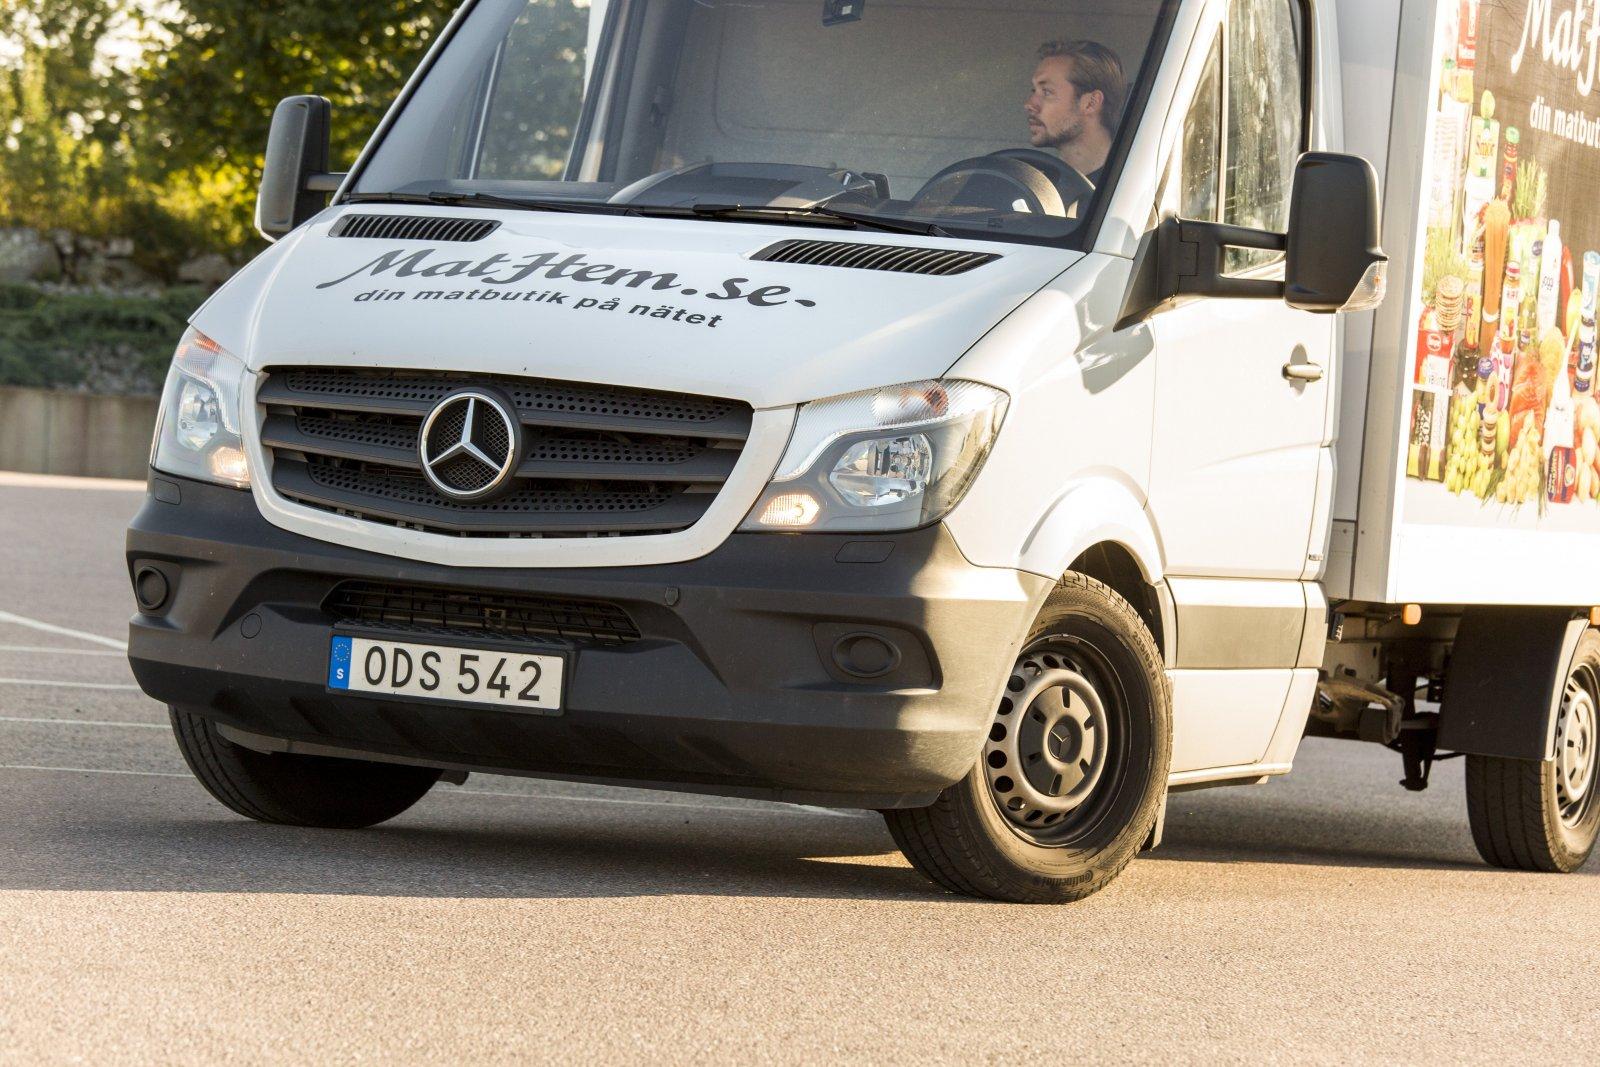 Oscar Klock är en av Mathems chaufförer. Foto: Therese Björkbacke